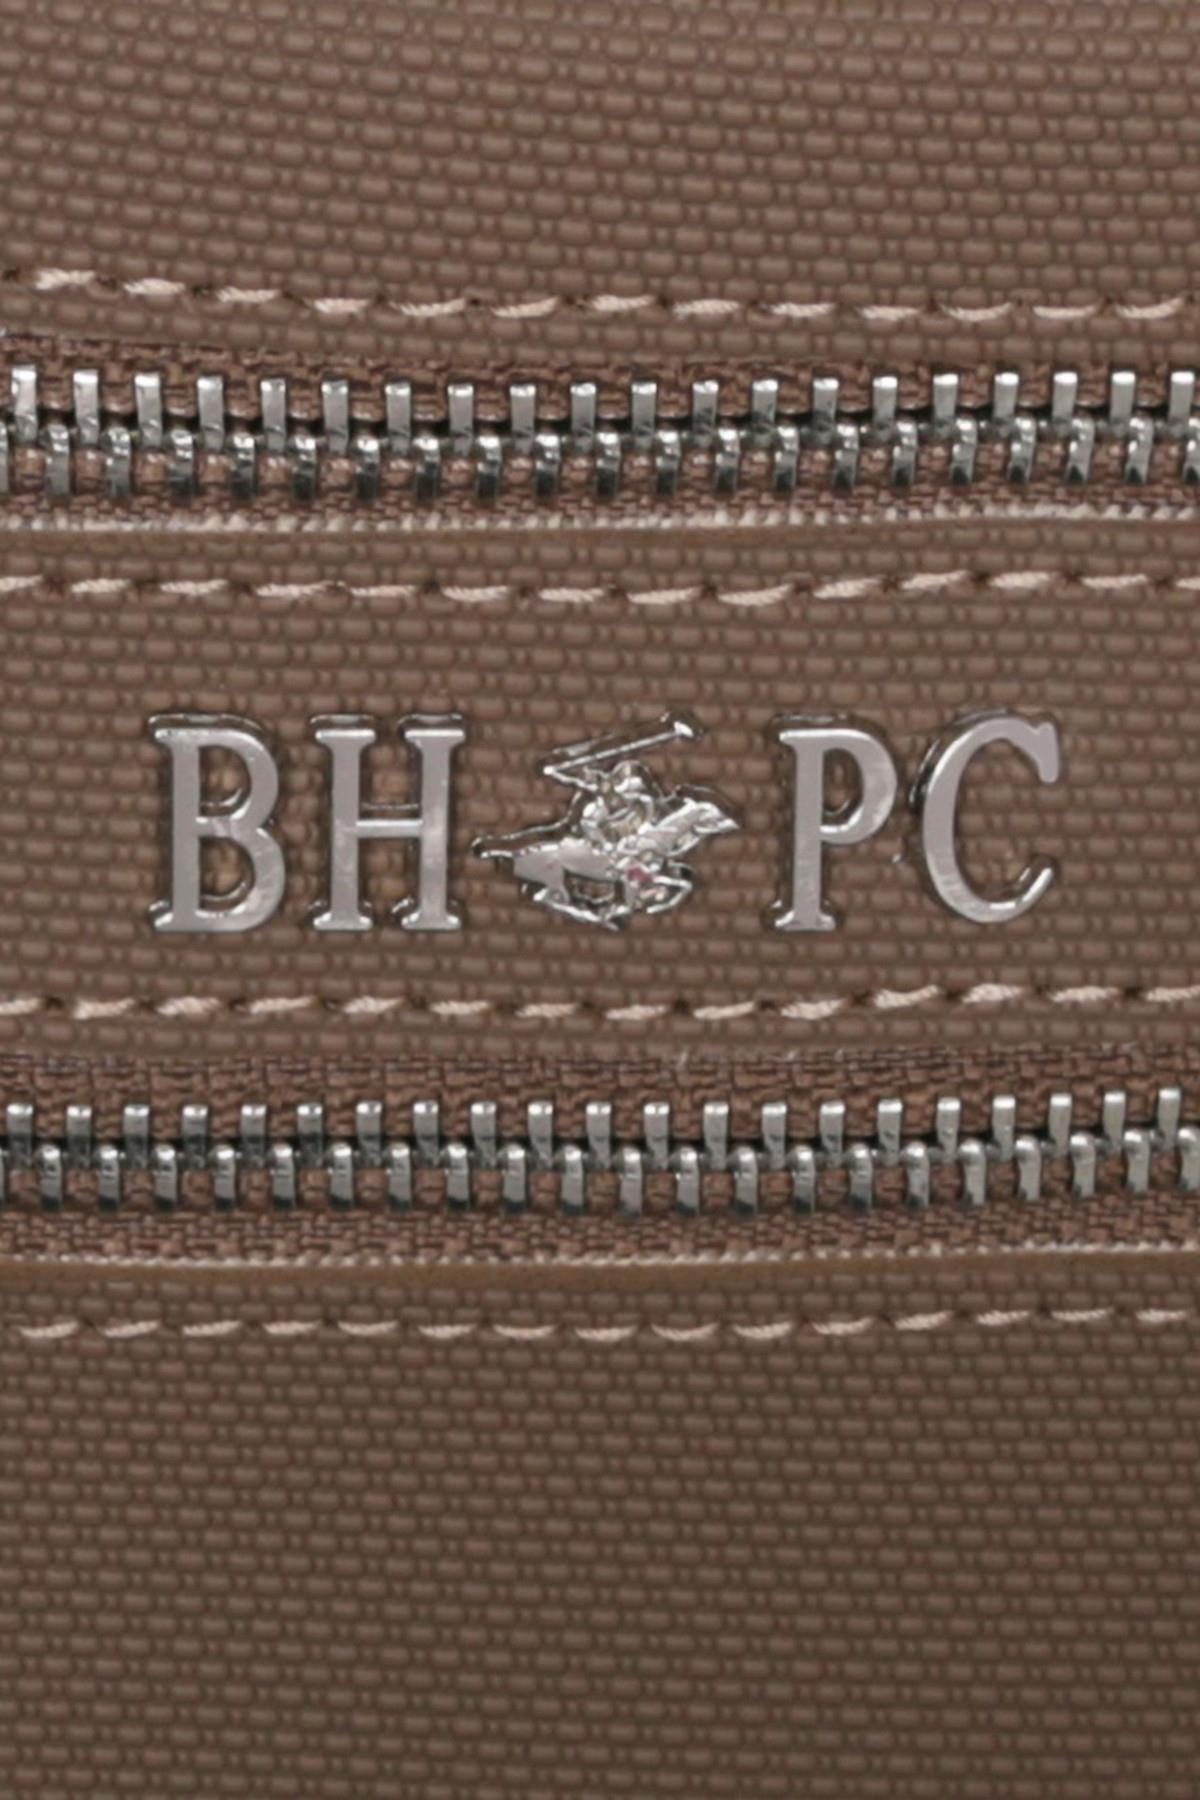 Beverly Hills Polo Club Kadın Çok Bölmeli Bel Çantası Vizon 4